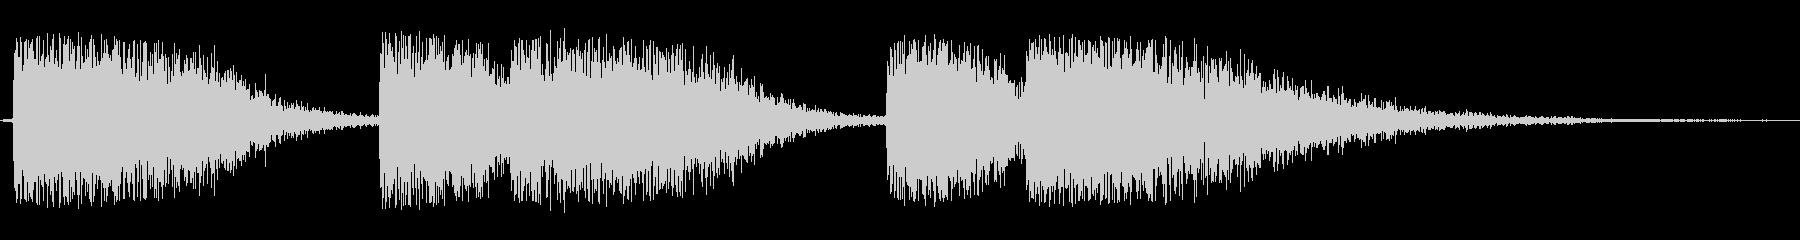 シンセサイザー長めのオープニングテーマ曲の未再生の波形